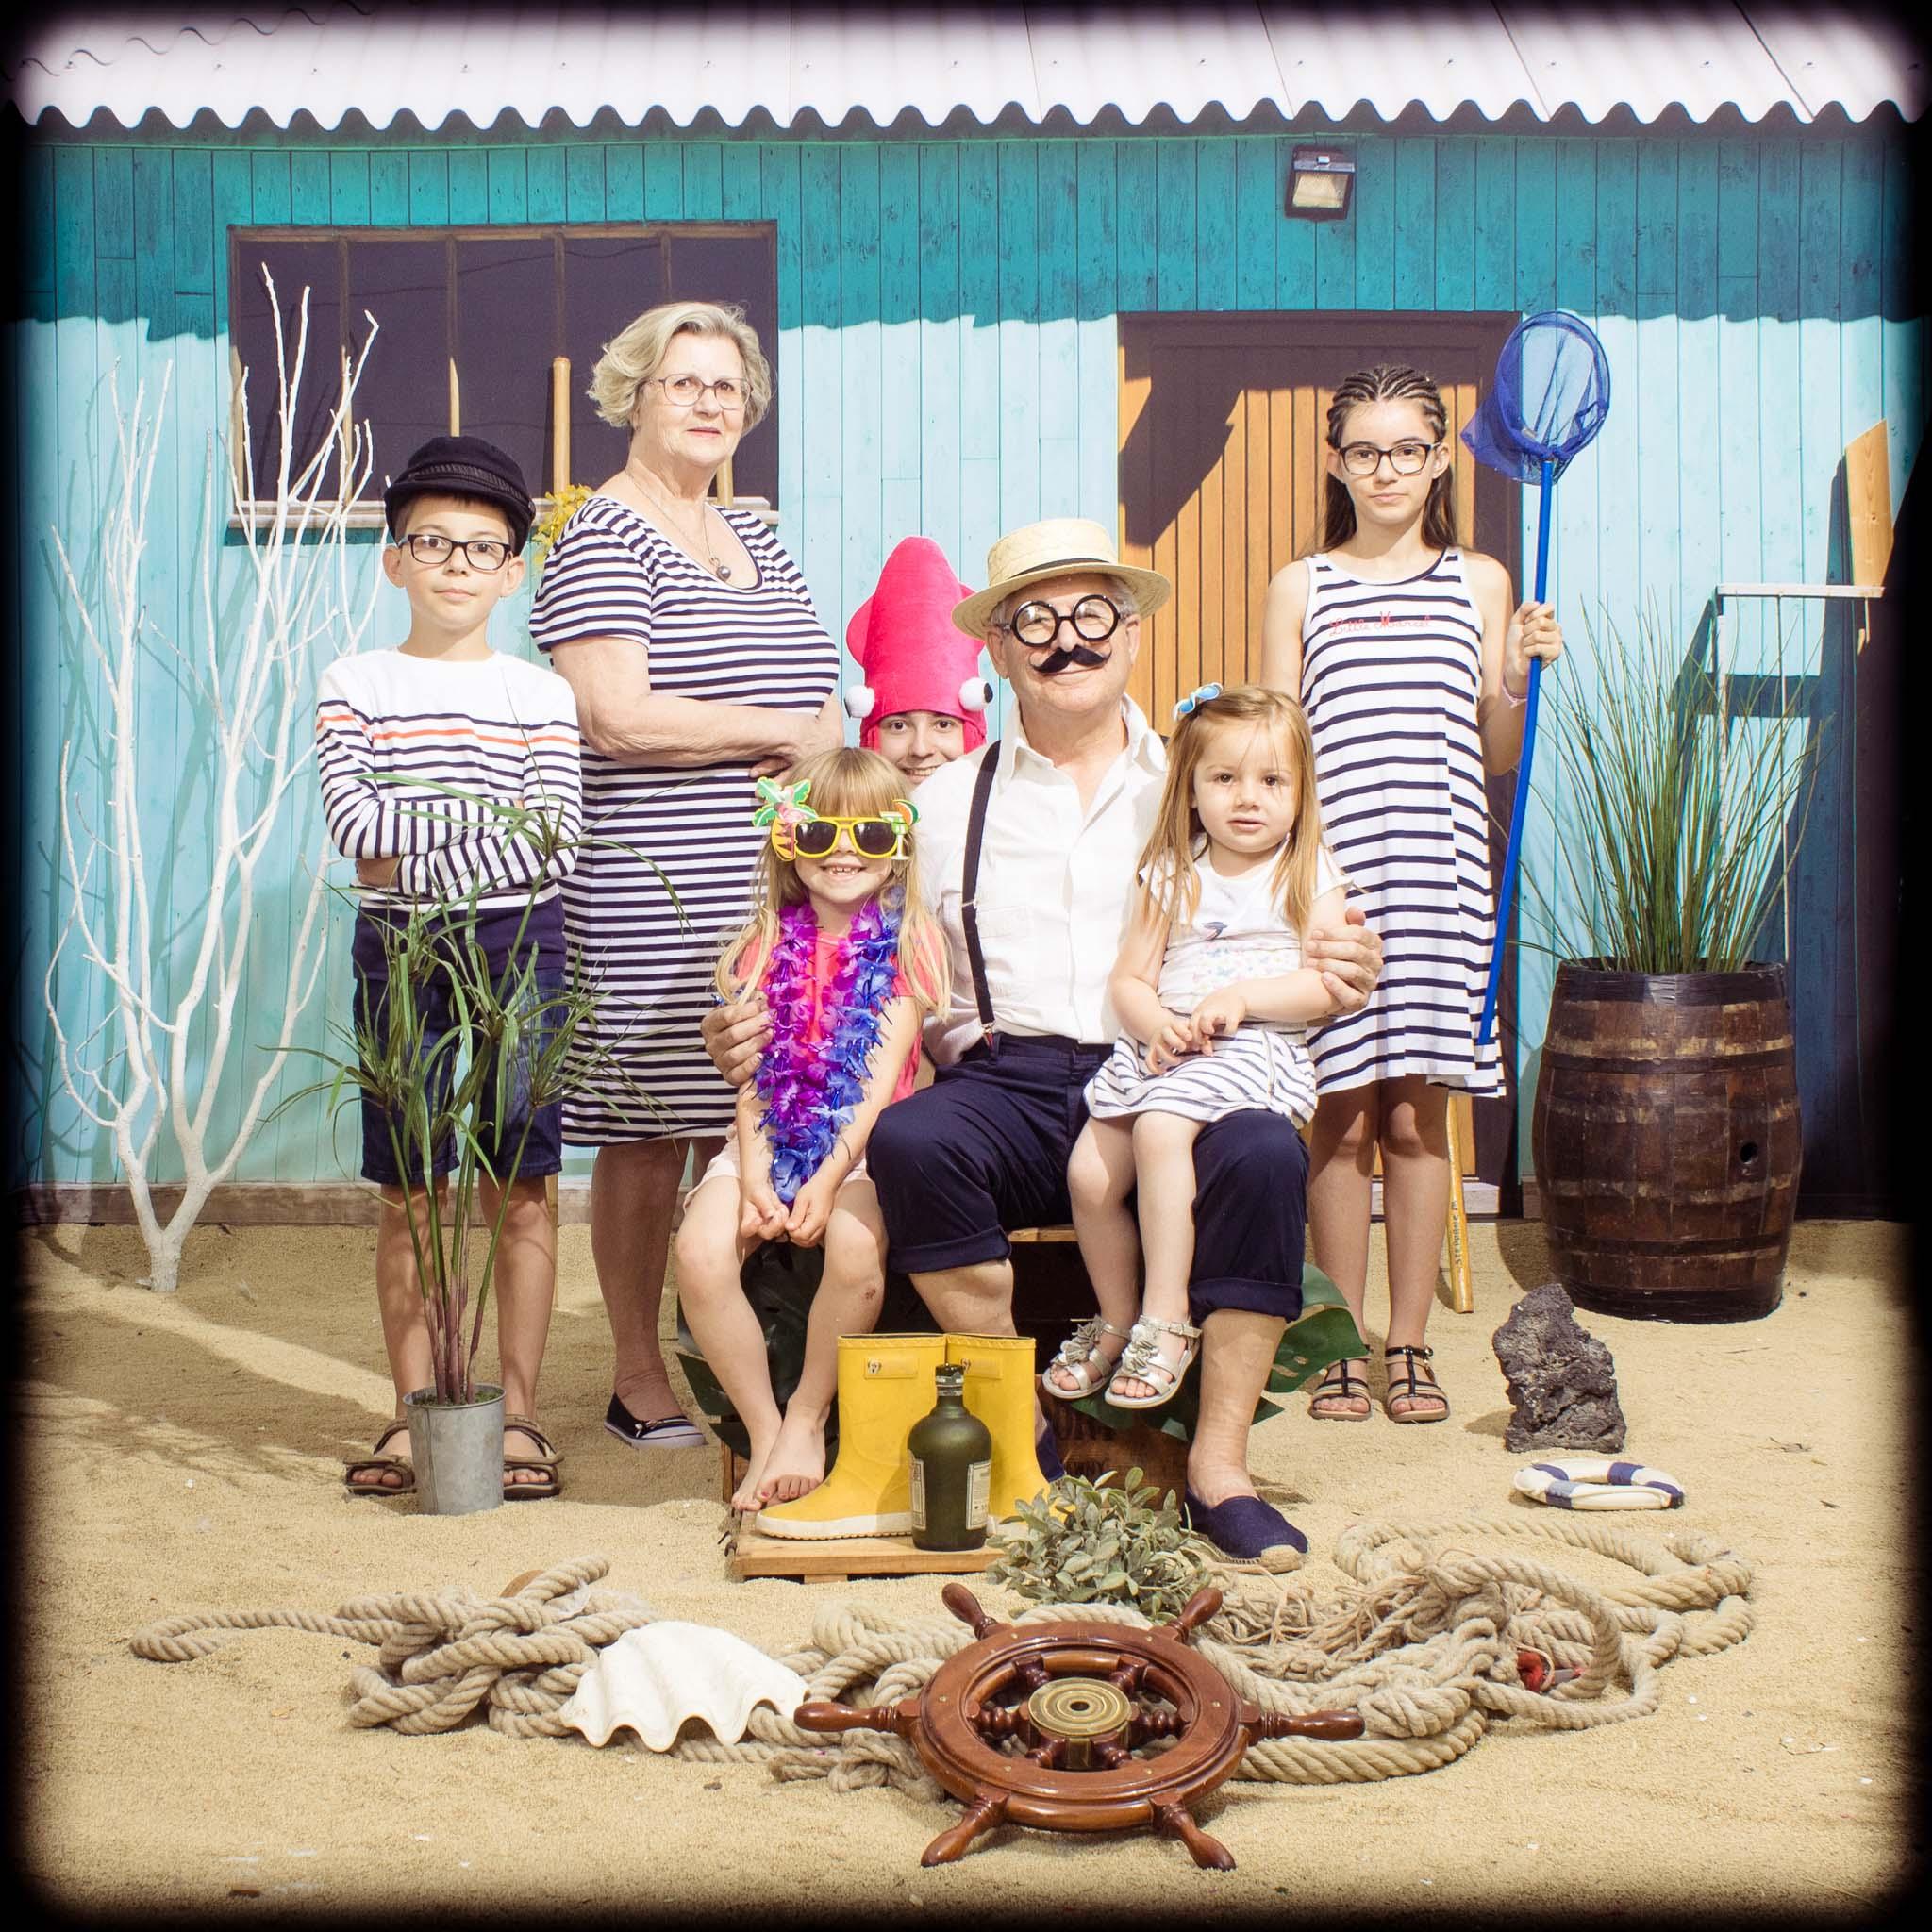 EVJF, Amazing Beach, enterrement de vie de jeune fille, evenement entreprise, studio photo, photo de famille, portrait de famille, plage, photo famille originale, idee cadeau, idee cadeau fille, idee cadeau maman